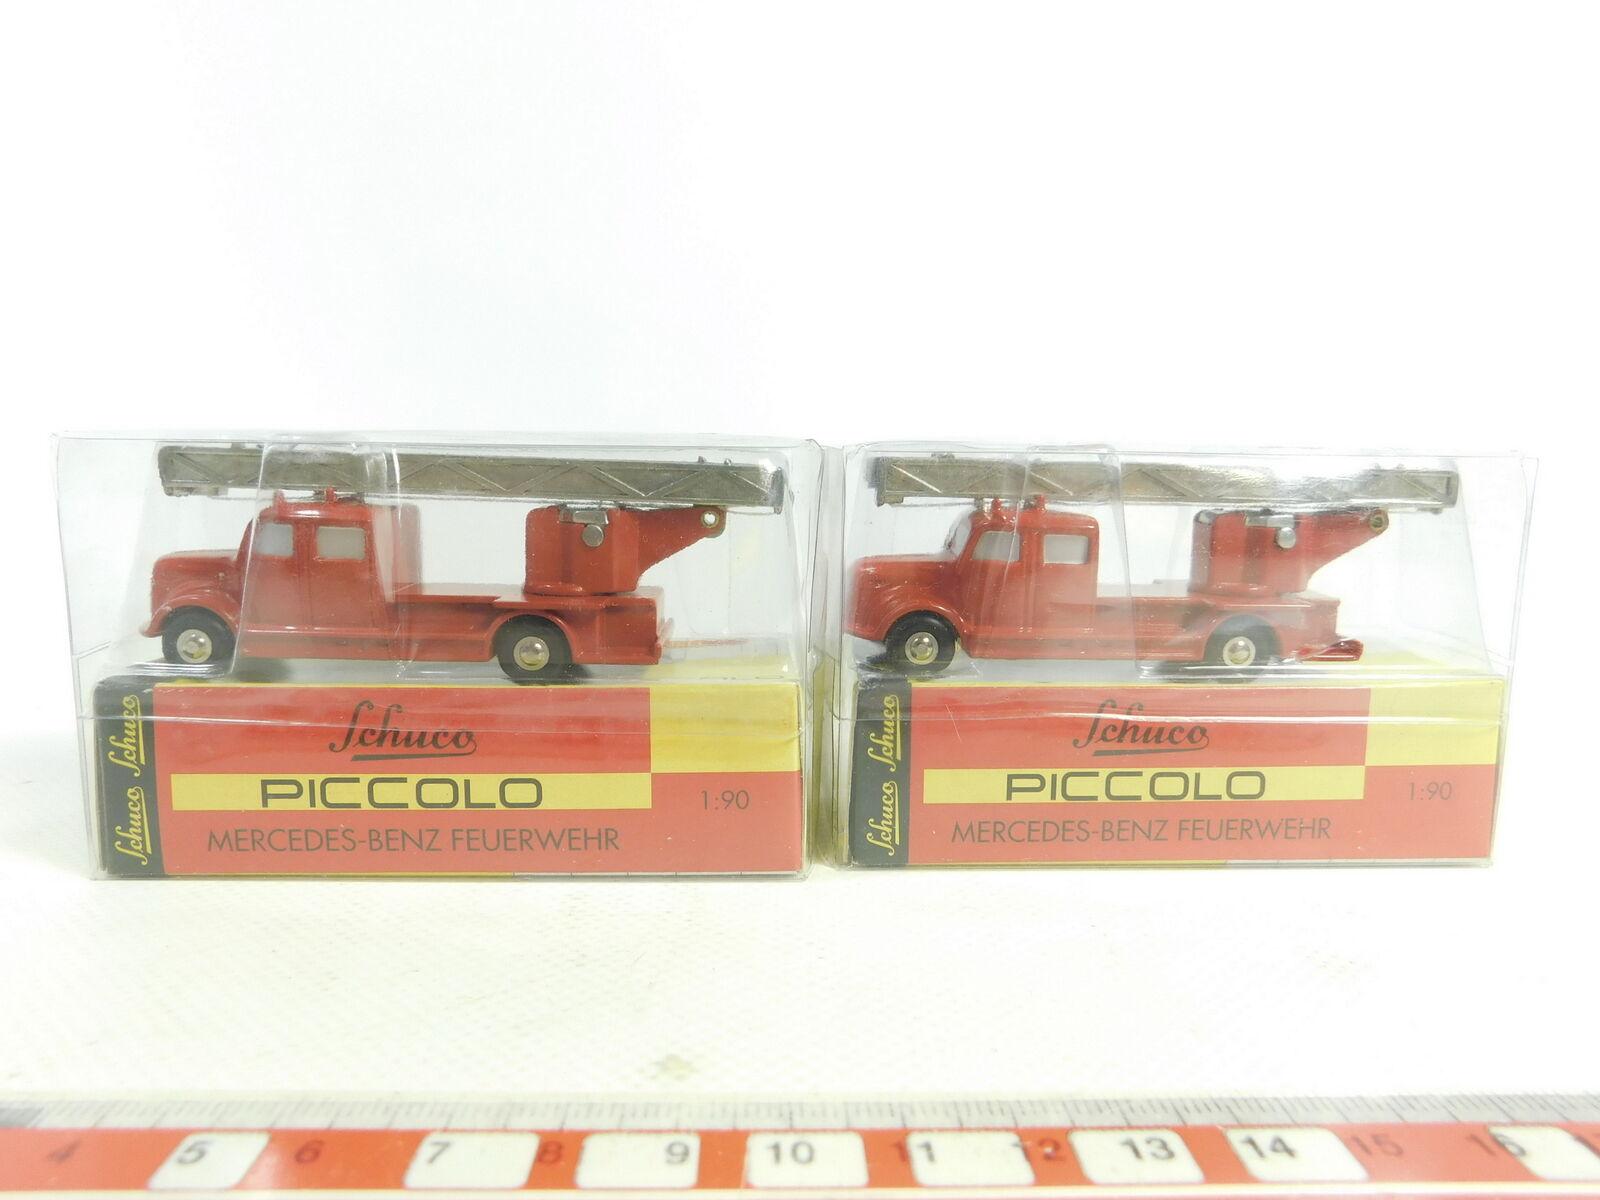 Bd270-1 x Schuco Piccolo 1 90 01451 Mercedes-Benz   MB Fire Brigade FW, NIP